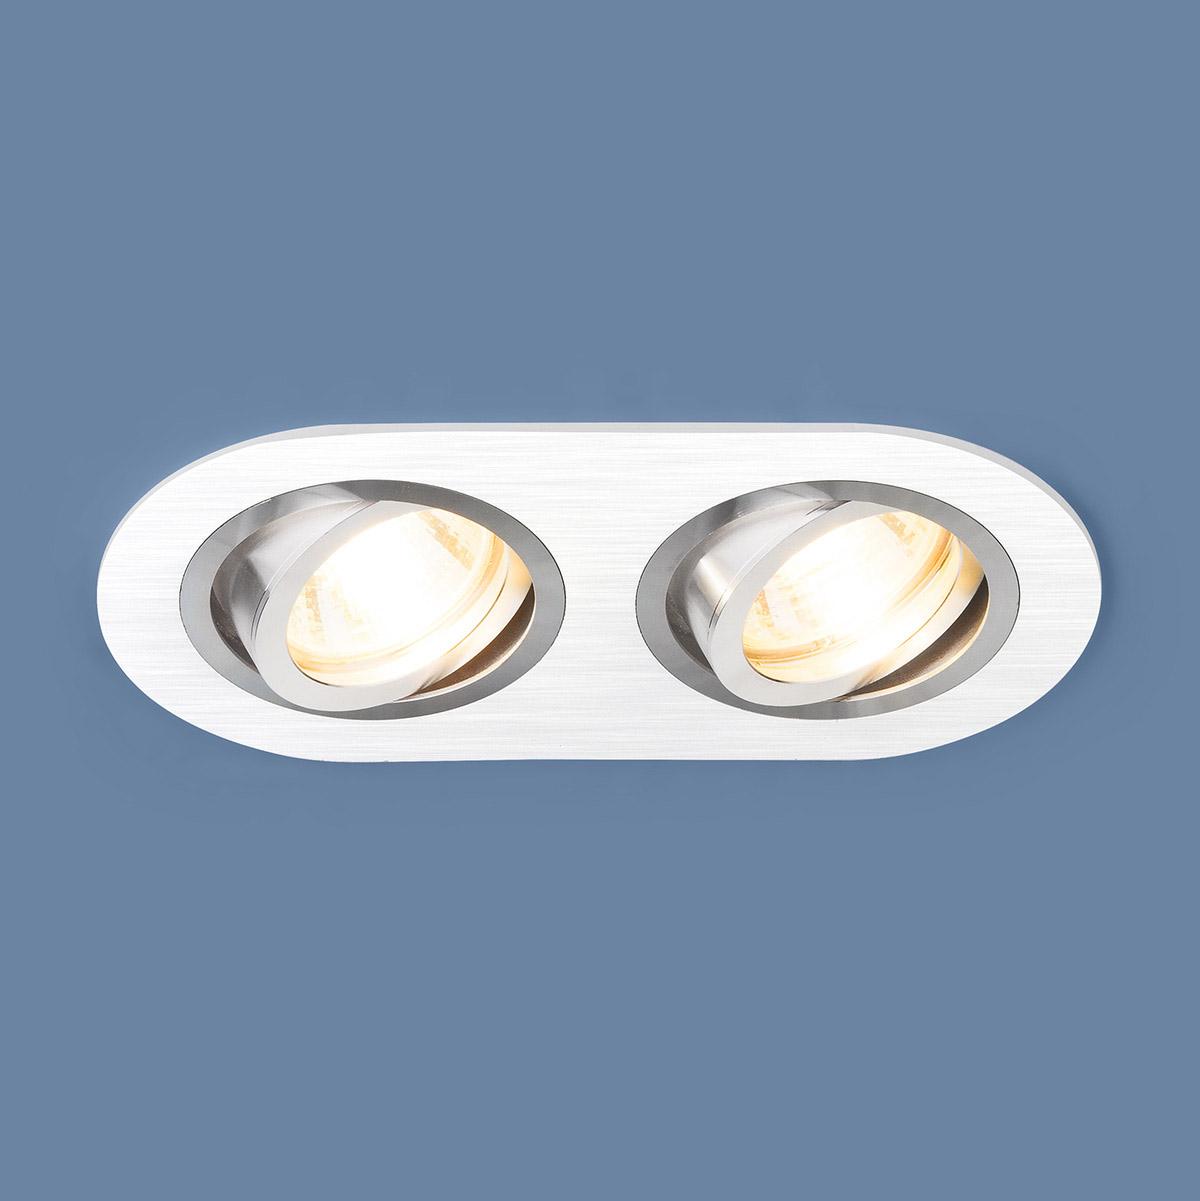 Встраиваемый светильник Elektrostandard, G5.3, 100 Вт недорго, оригинальная цена